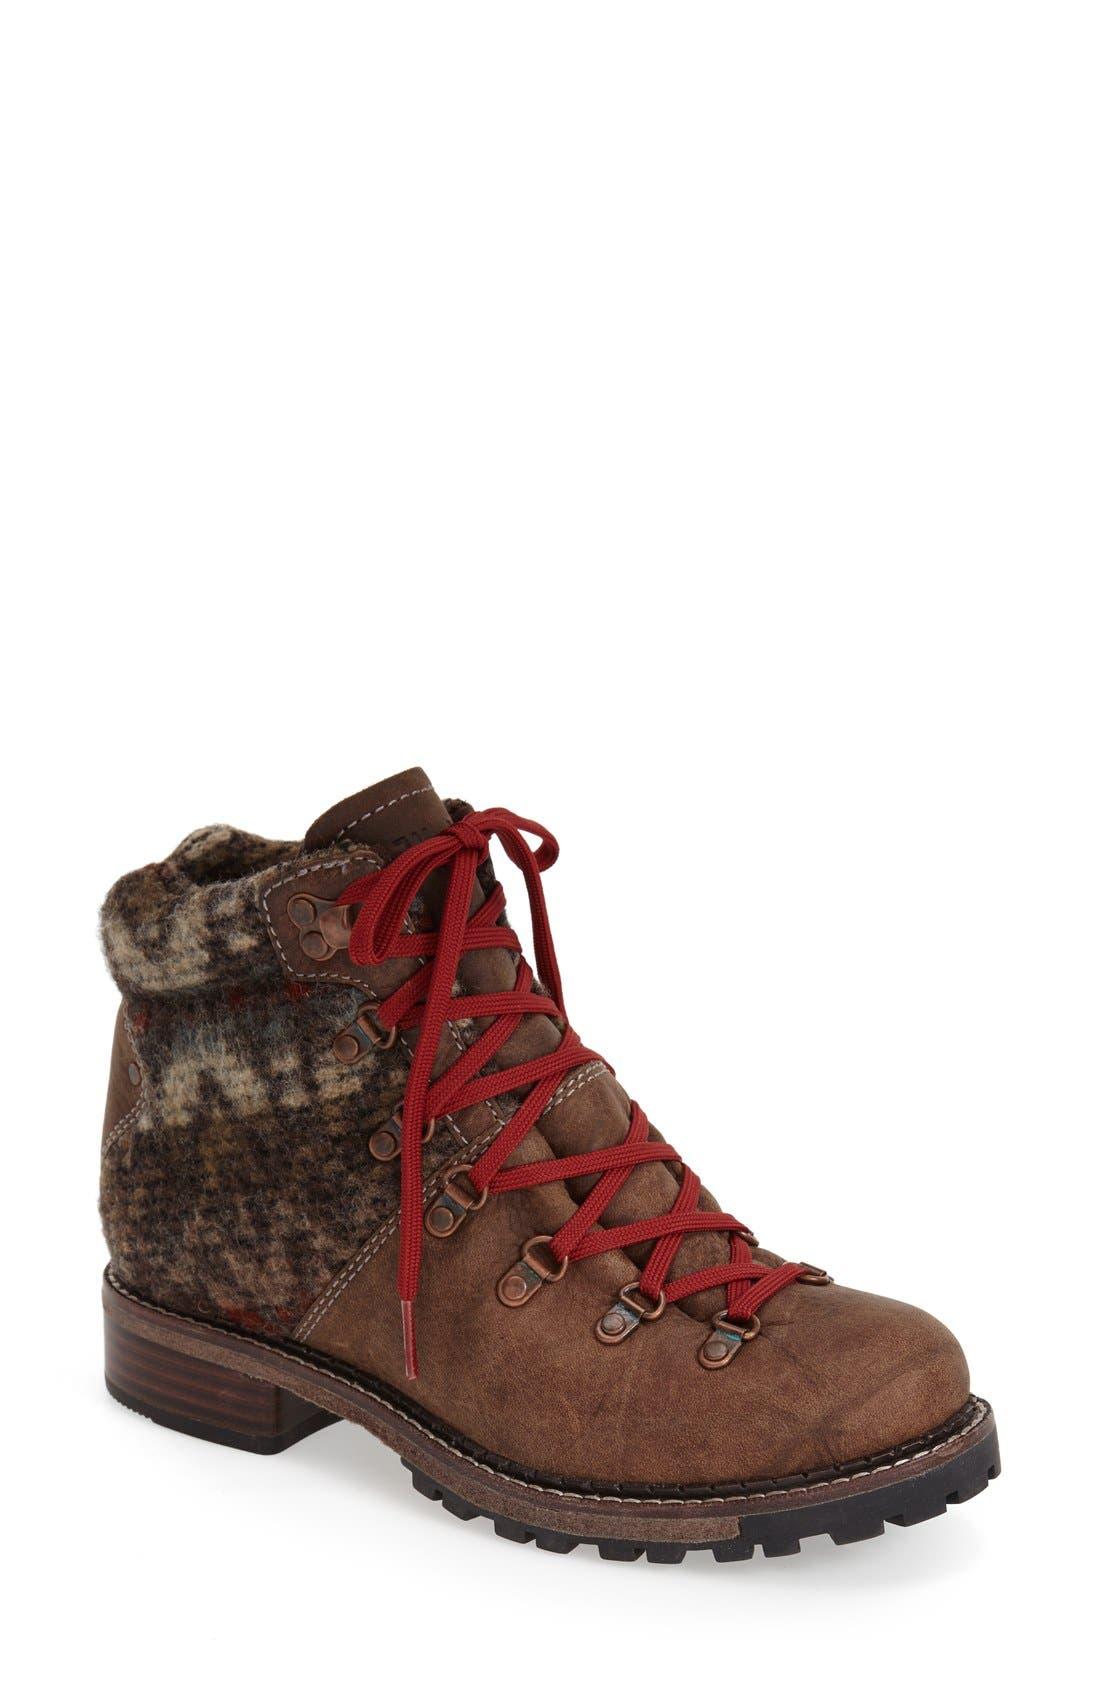 WOOLRICH 'Rockies' Hiking Boot